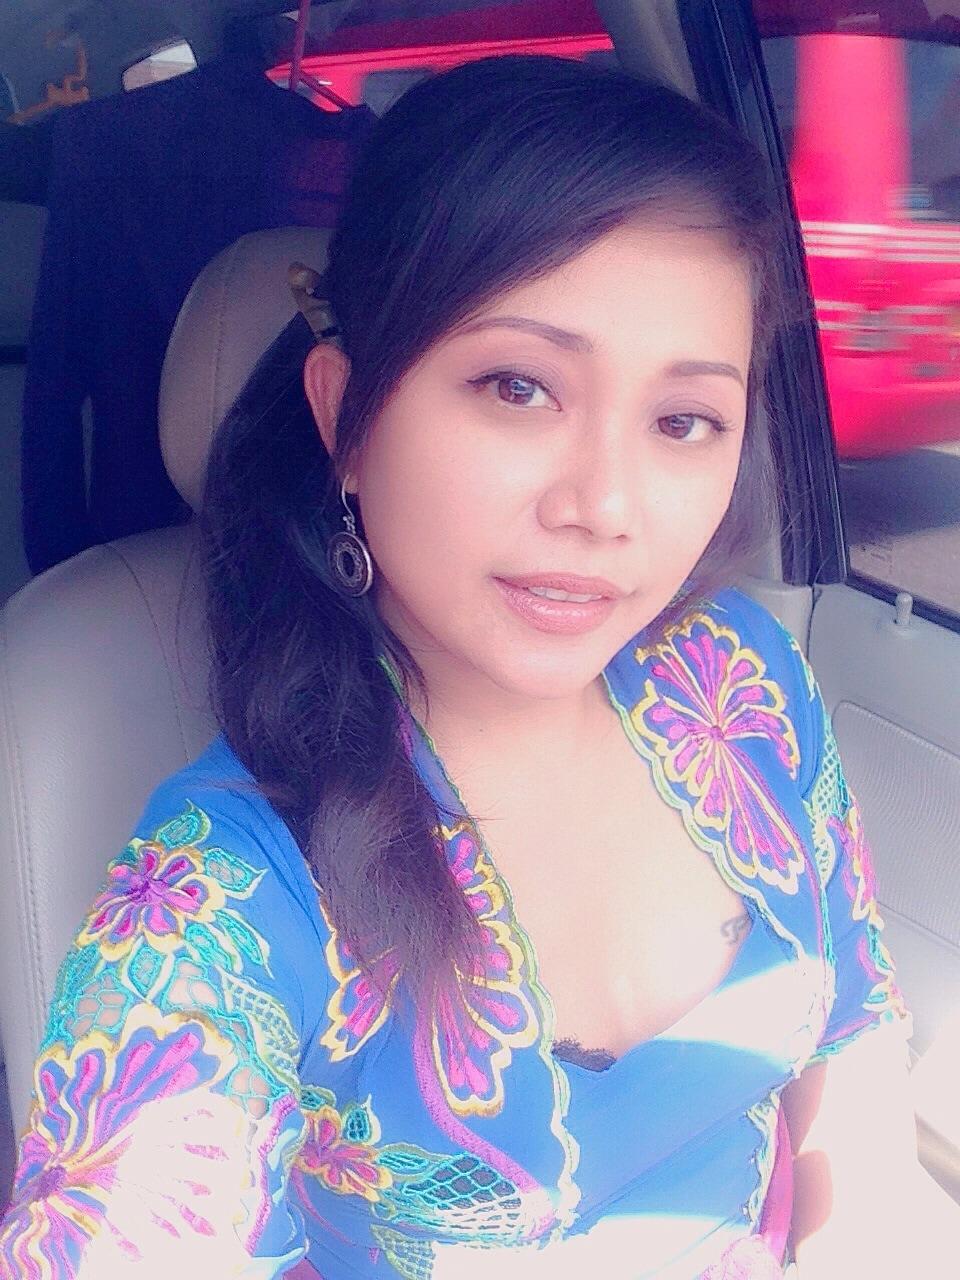 Linda from Kuta